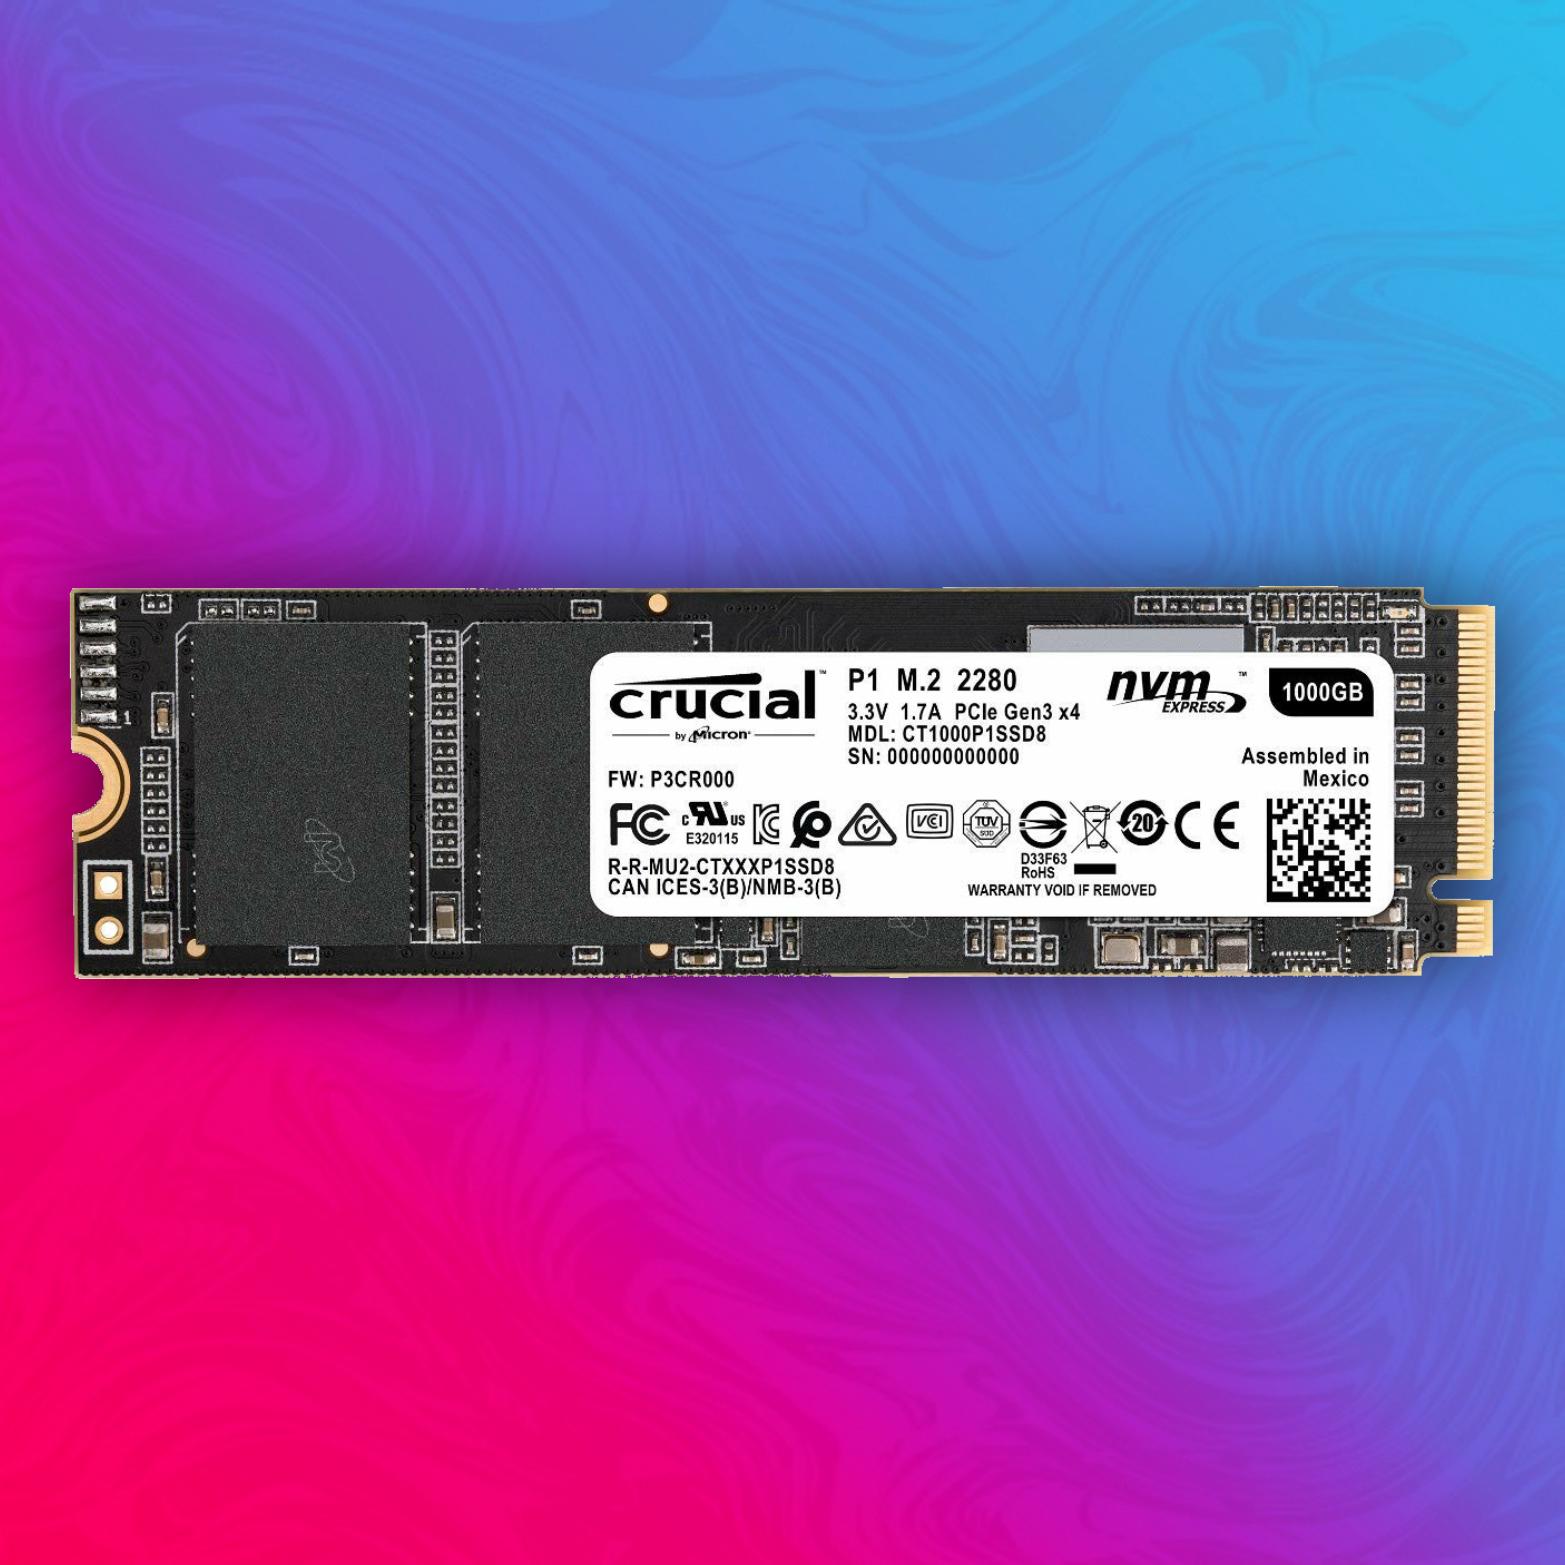 Crucial P1 1TB SSD (M.2, PCIe 3.0 x4, 3D-NAND QLC, R:2000MB/s, W:1700MB/s) [Amazon Prime]